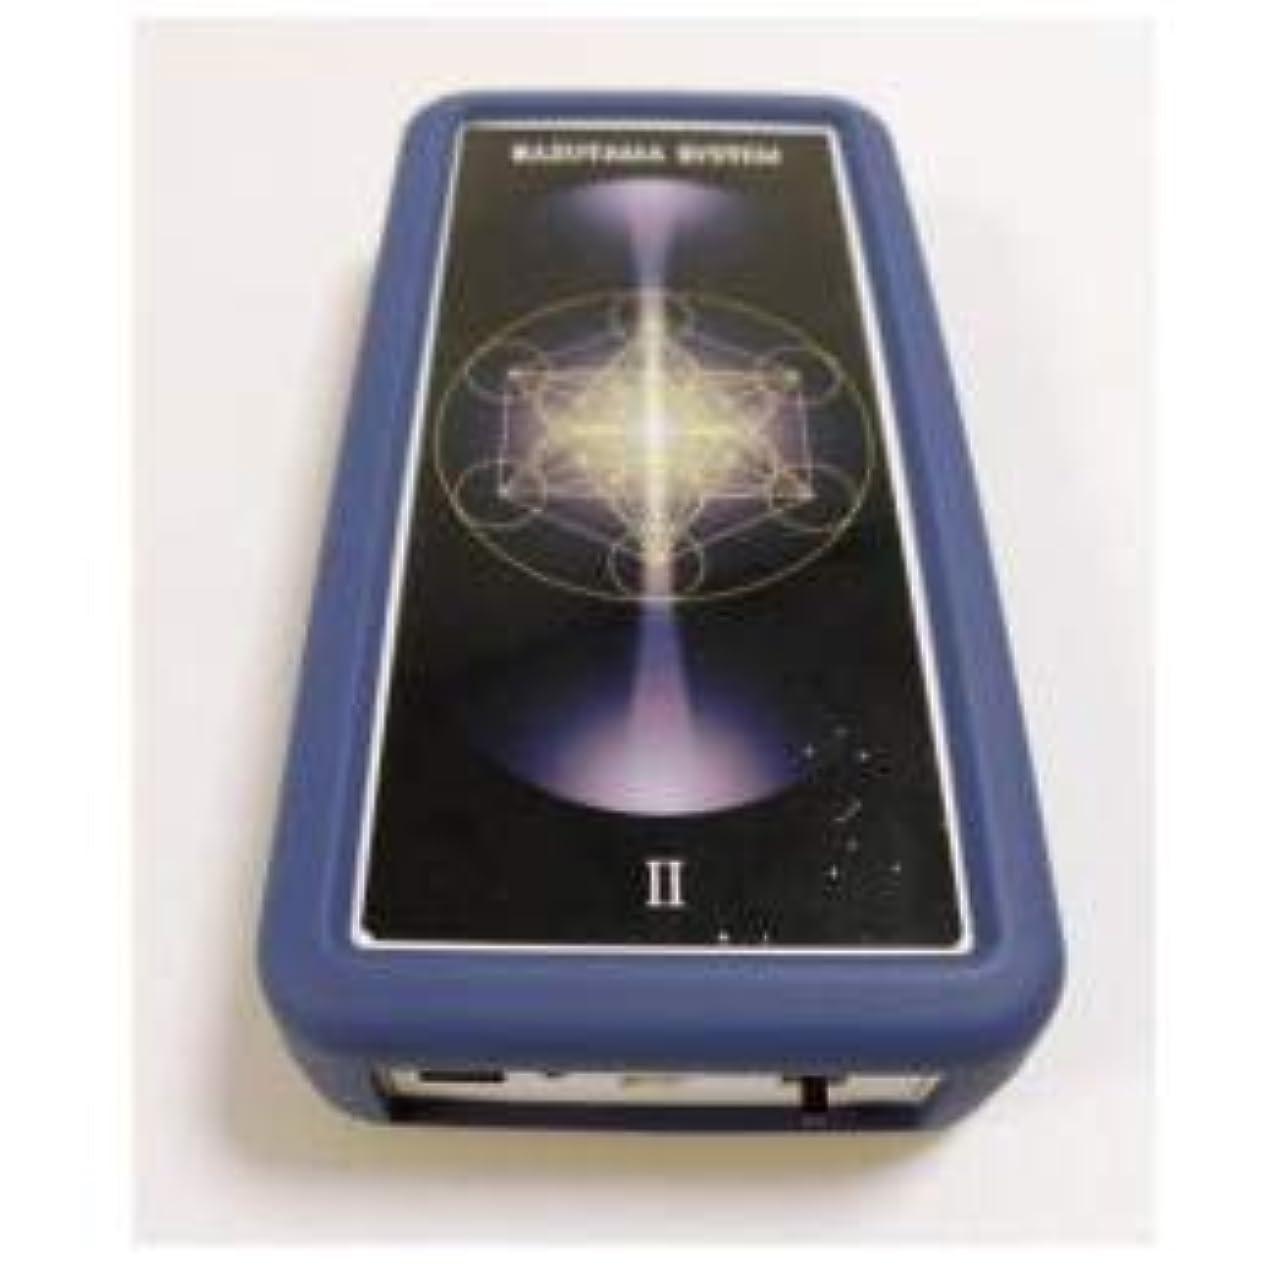 スペルマンハッタン緩む数霊システム2(KS-02) Ver.3 ダークブルー